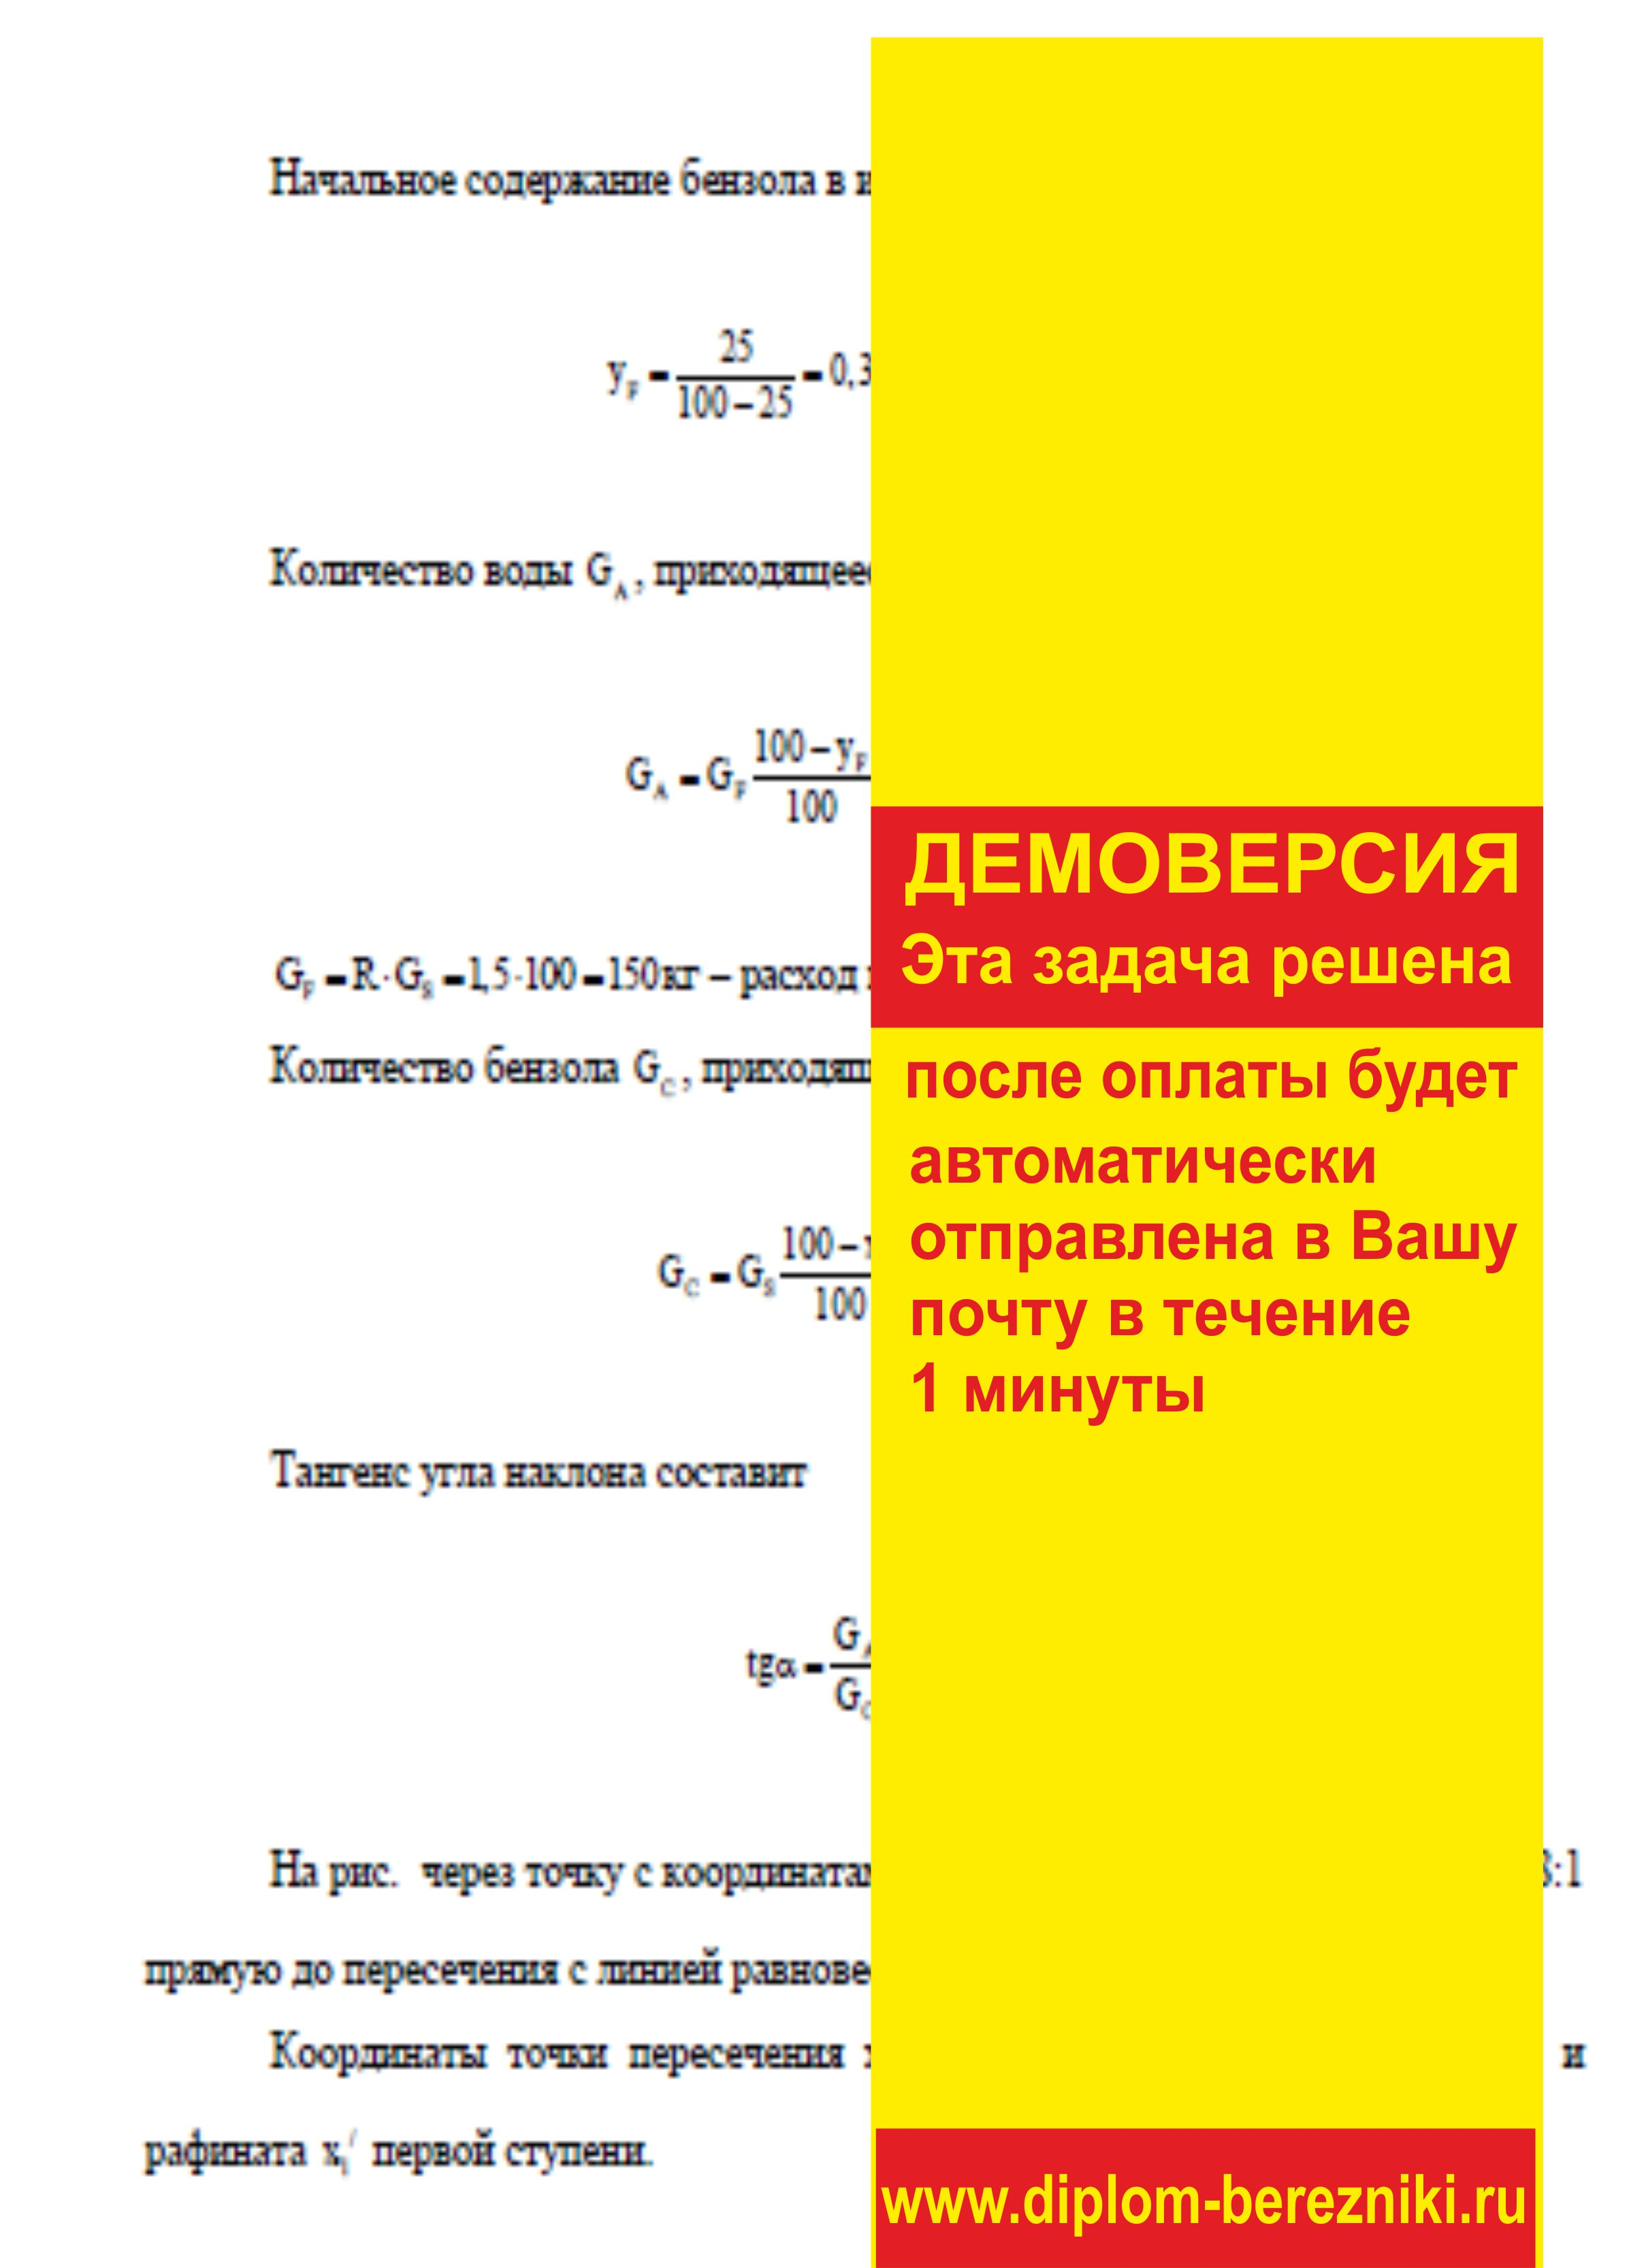 Решение задачи 8.6 по ПАХТ из задачника Павлова Романкова Носкова